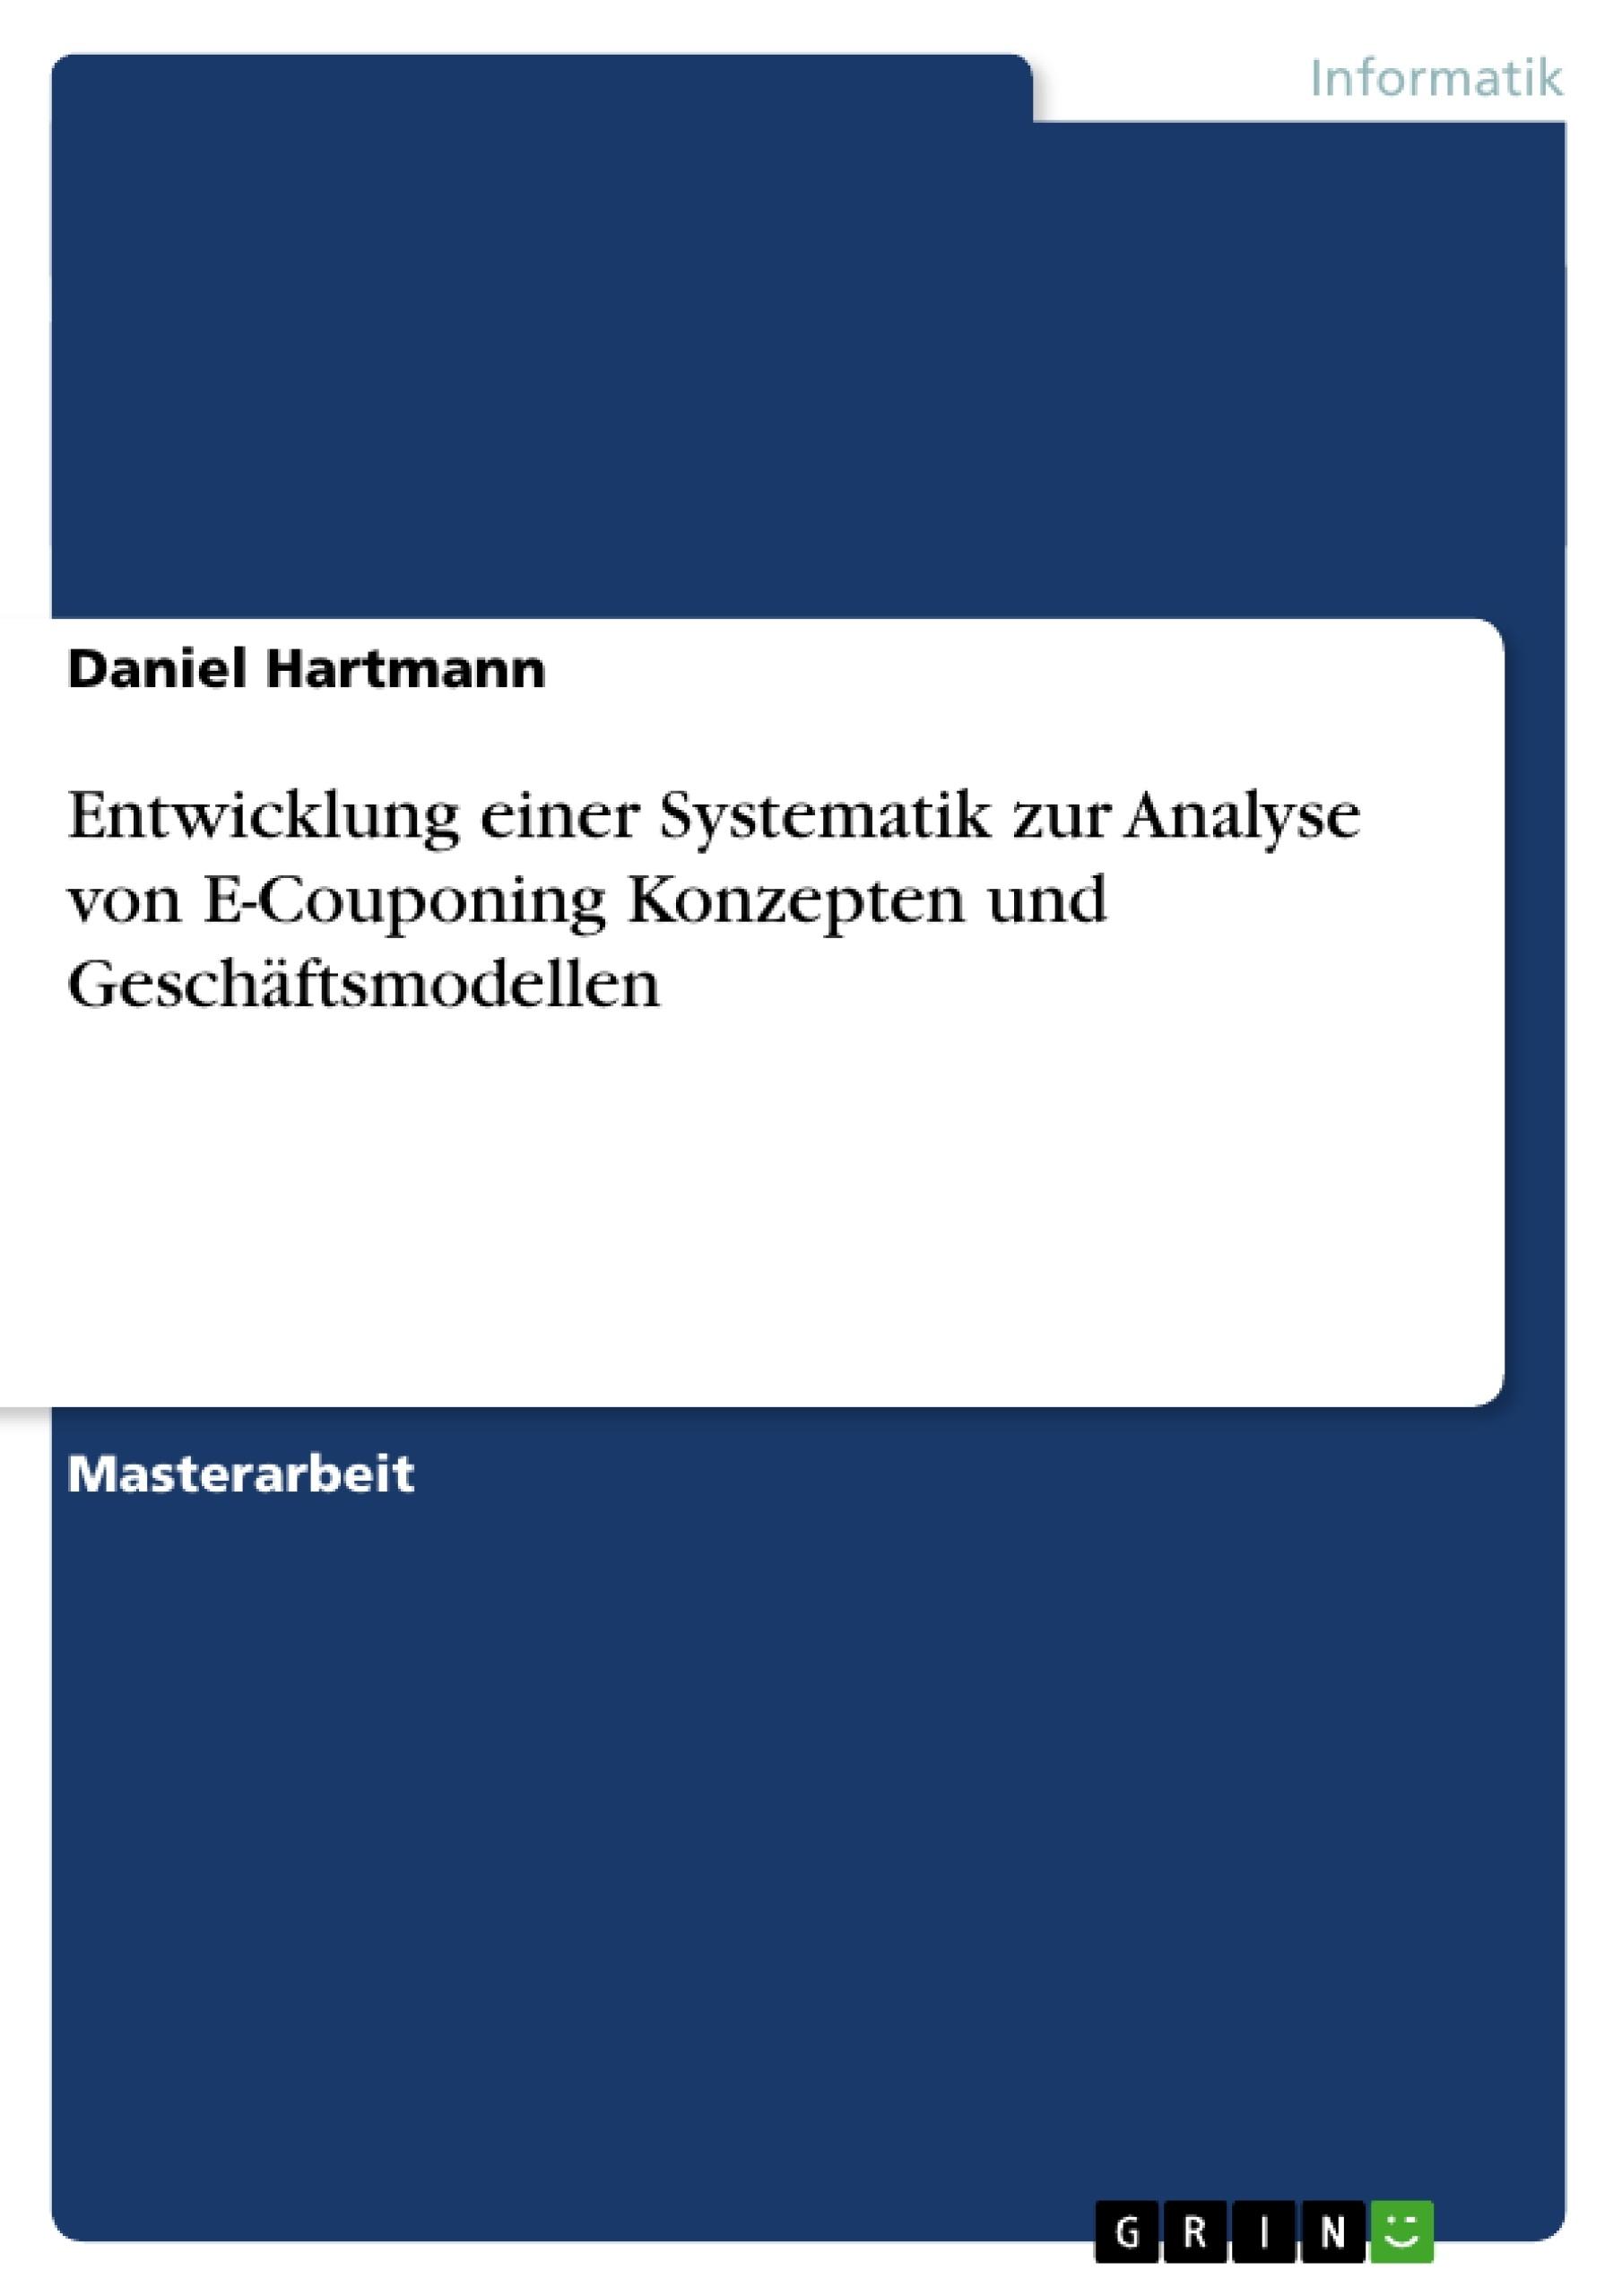 Titel: Entwicklung einer Systematik zur Analyse von E-Couponing Konzepten und Geschäftsmodellen